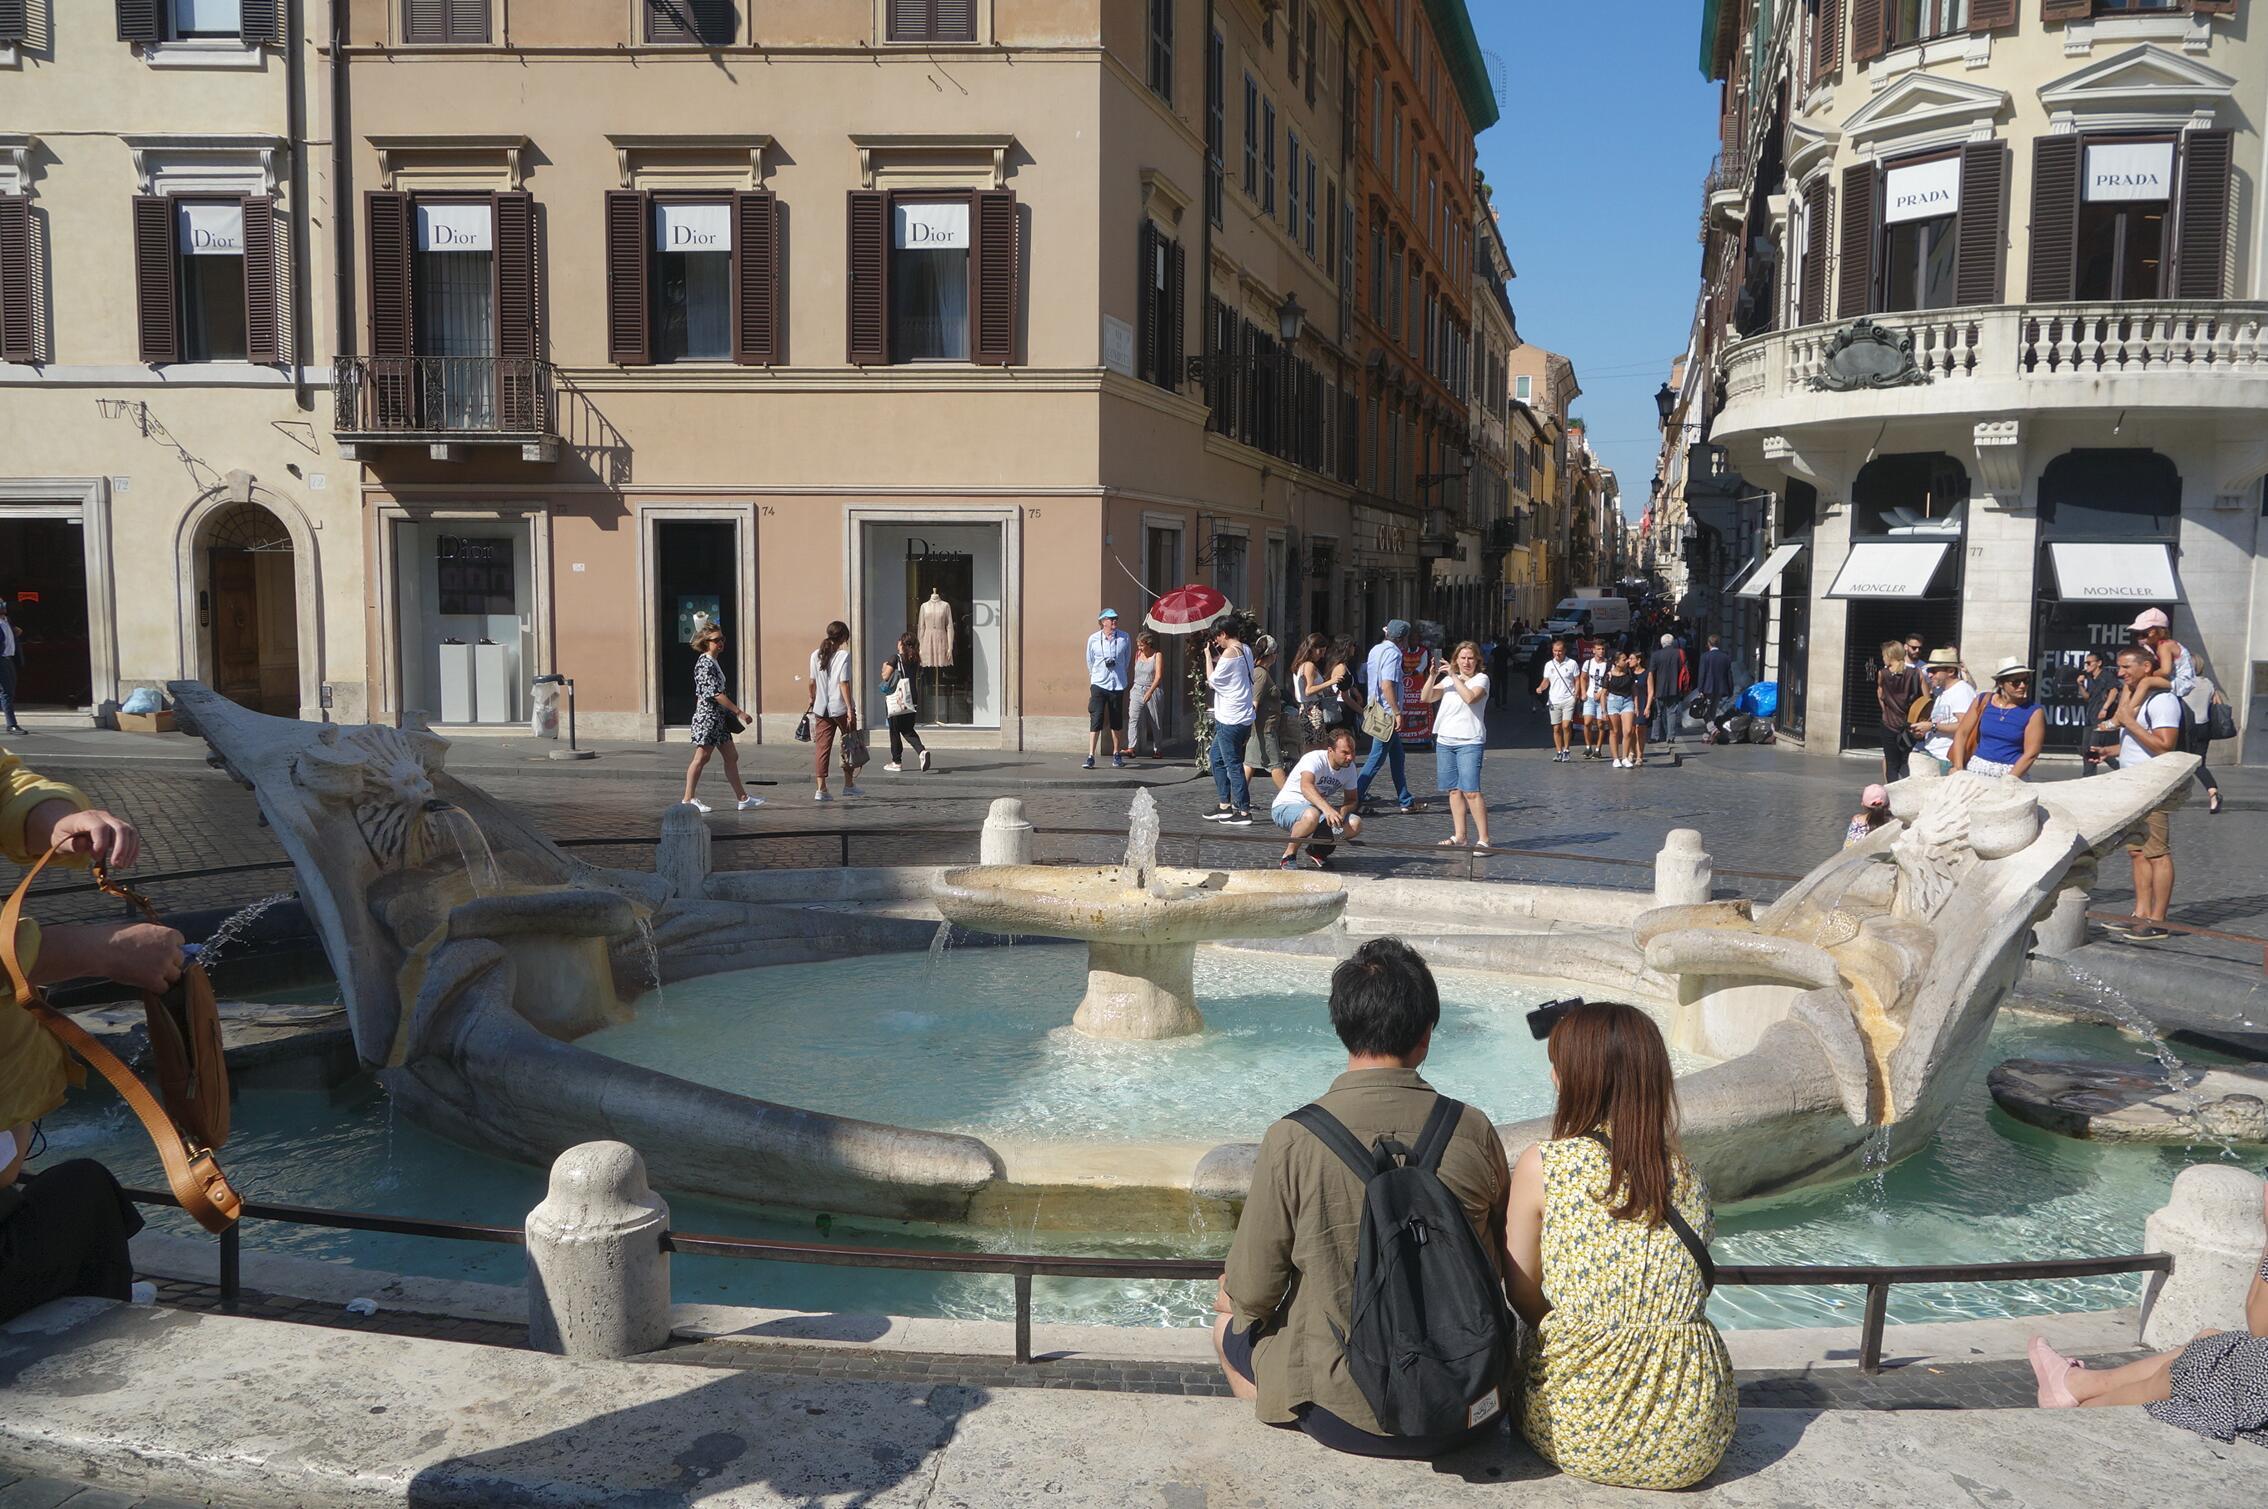 名作过眼:贝尔尼尼的喷泉雕塑22.jpg